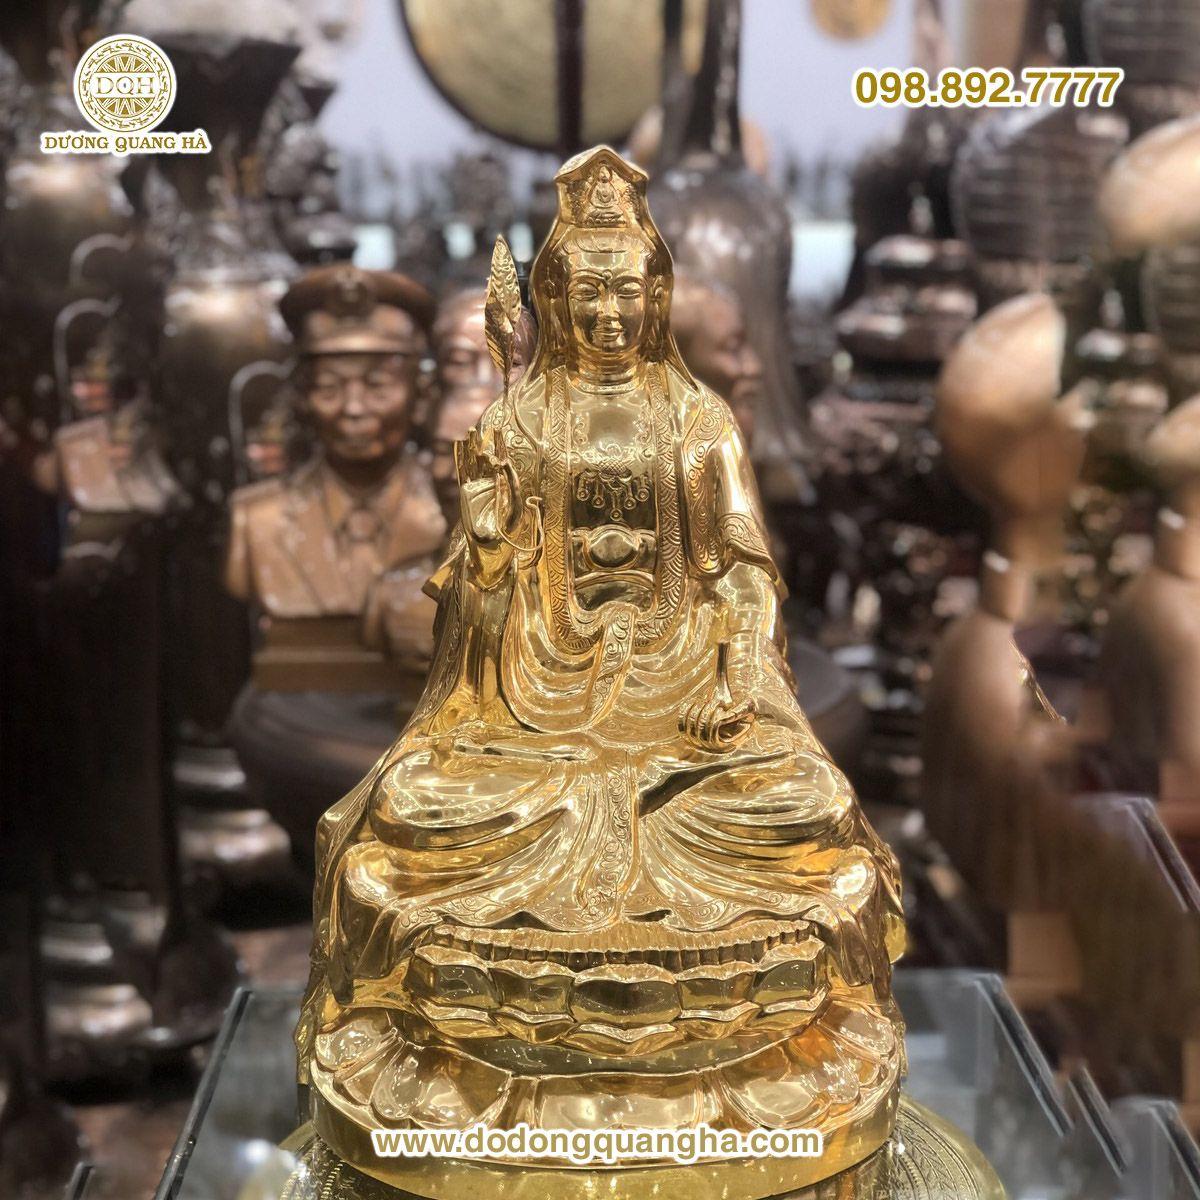 Tượng đồng Phật Bà Quan Âm